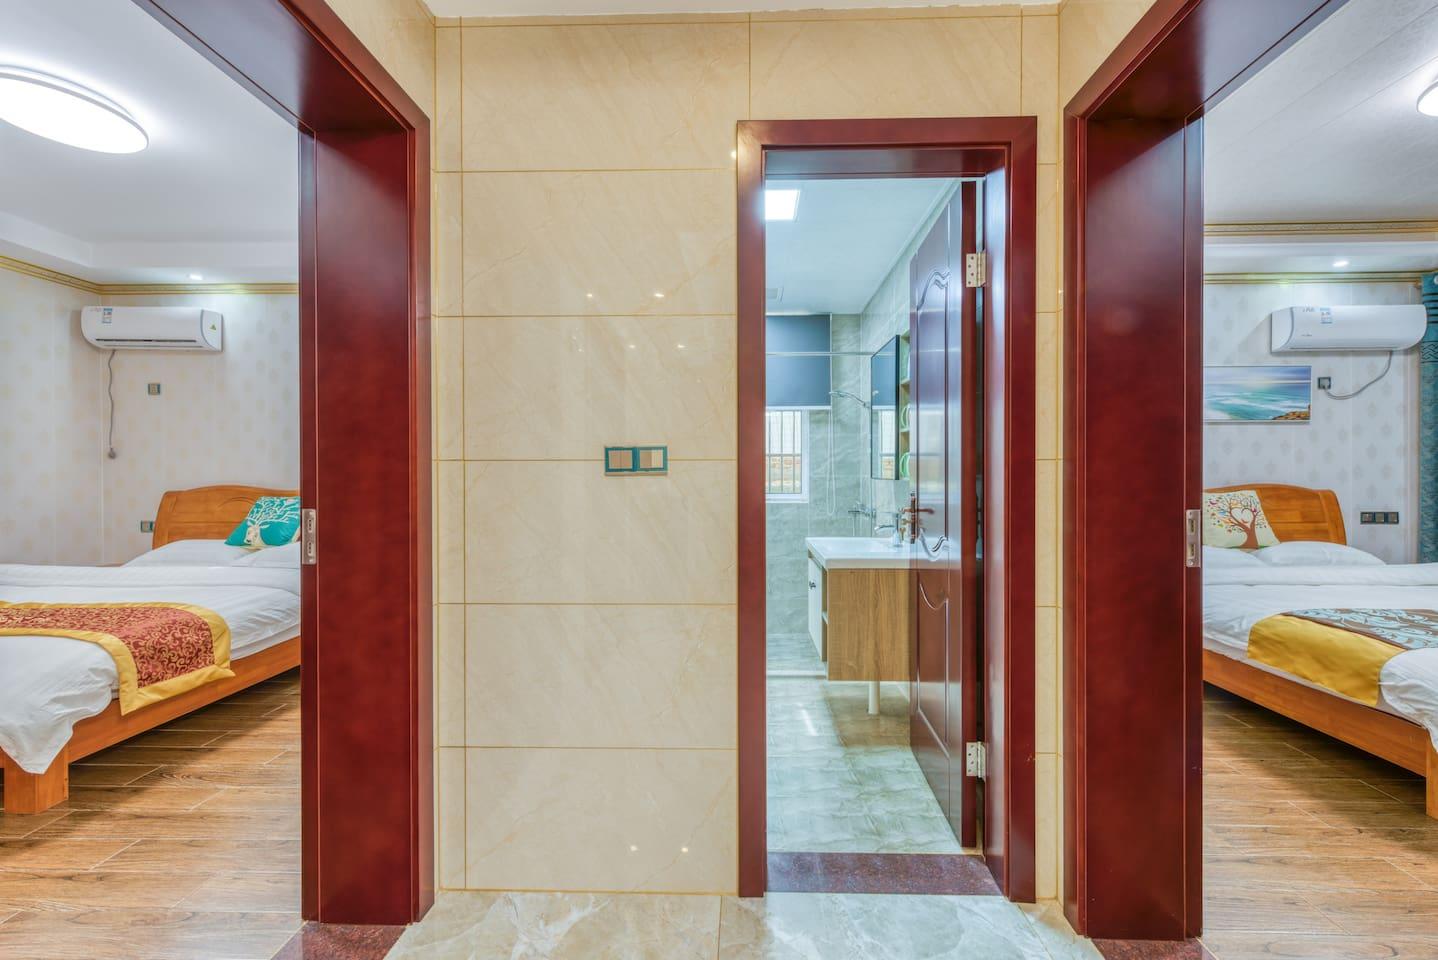 2个房间,2张大床,一个卫生间。